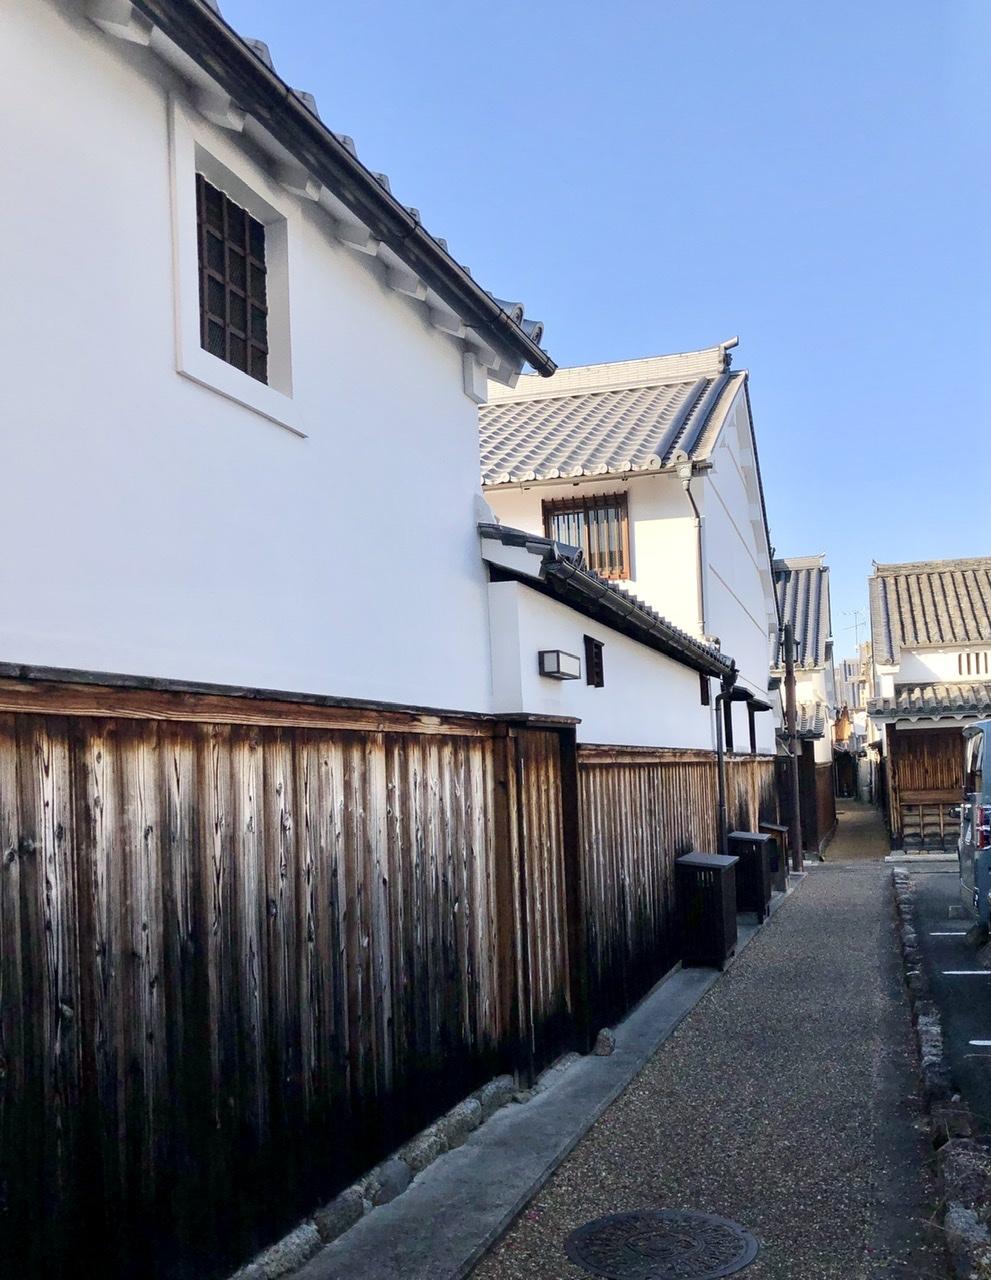 奈良の旅 13 江戸の街並みが美しい橿原市今井町 その2_a0092659_11365926.jpeg